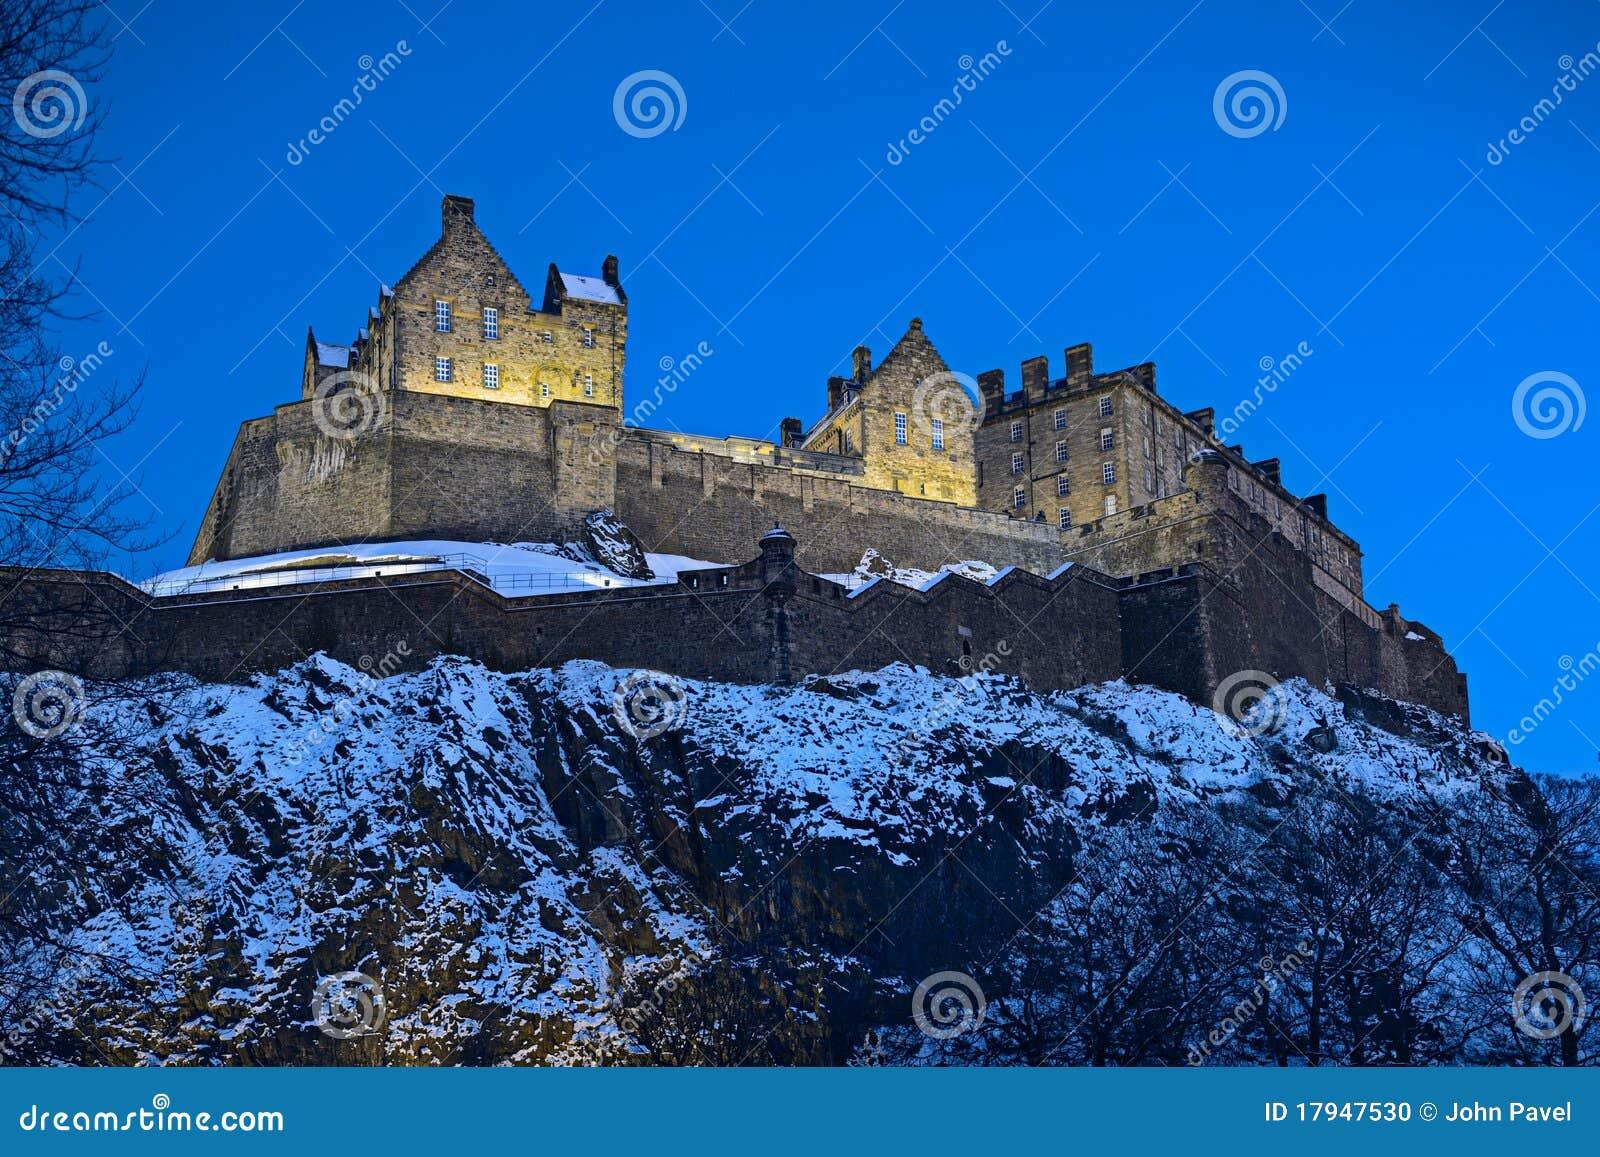 Slottskymning edinburgh scotland uk